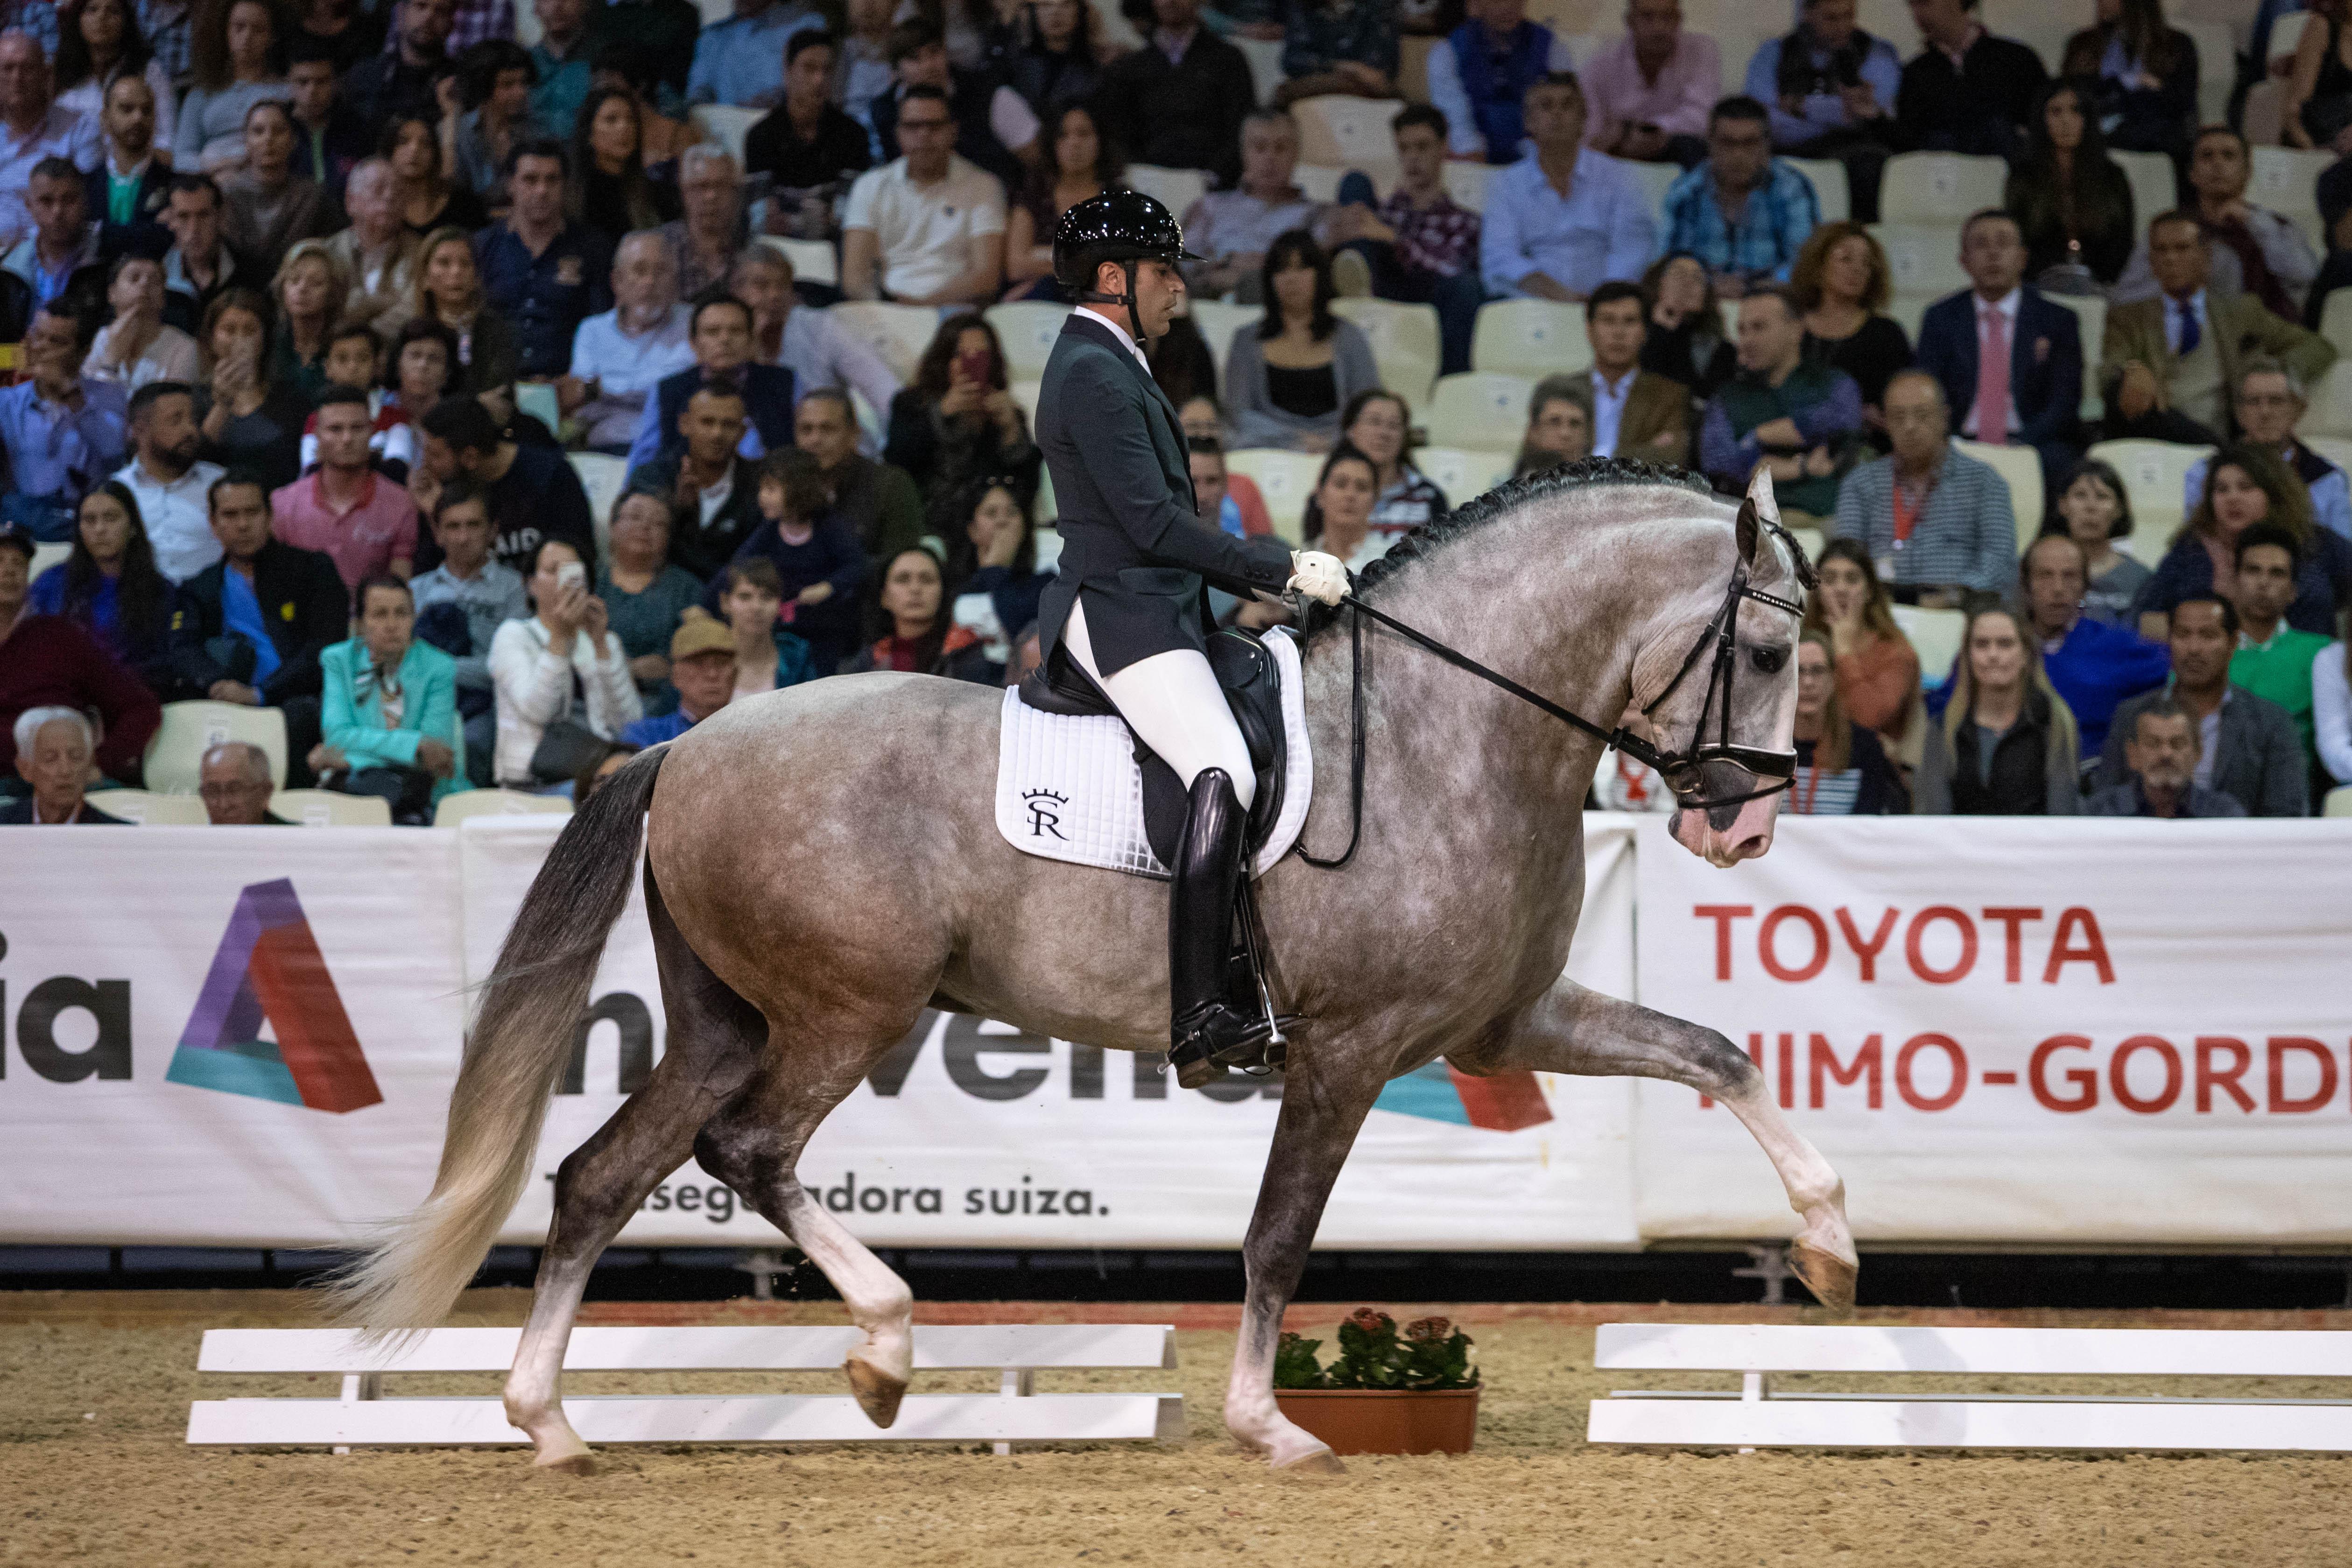 FOTOGRAFÍAS - Yucatán de Ramos, el caballo propiedad de Sergio Ramos, se proclama Campeón del Mundo 2018 en SICAB